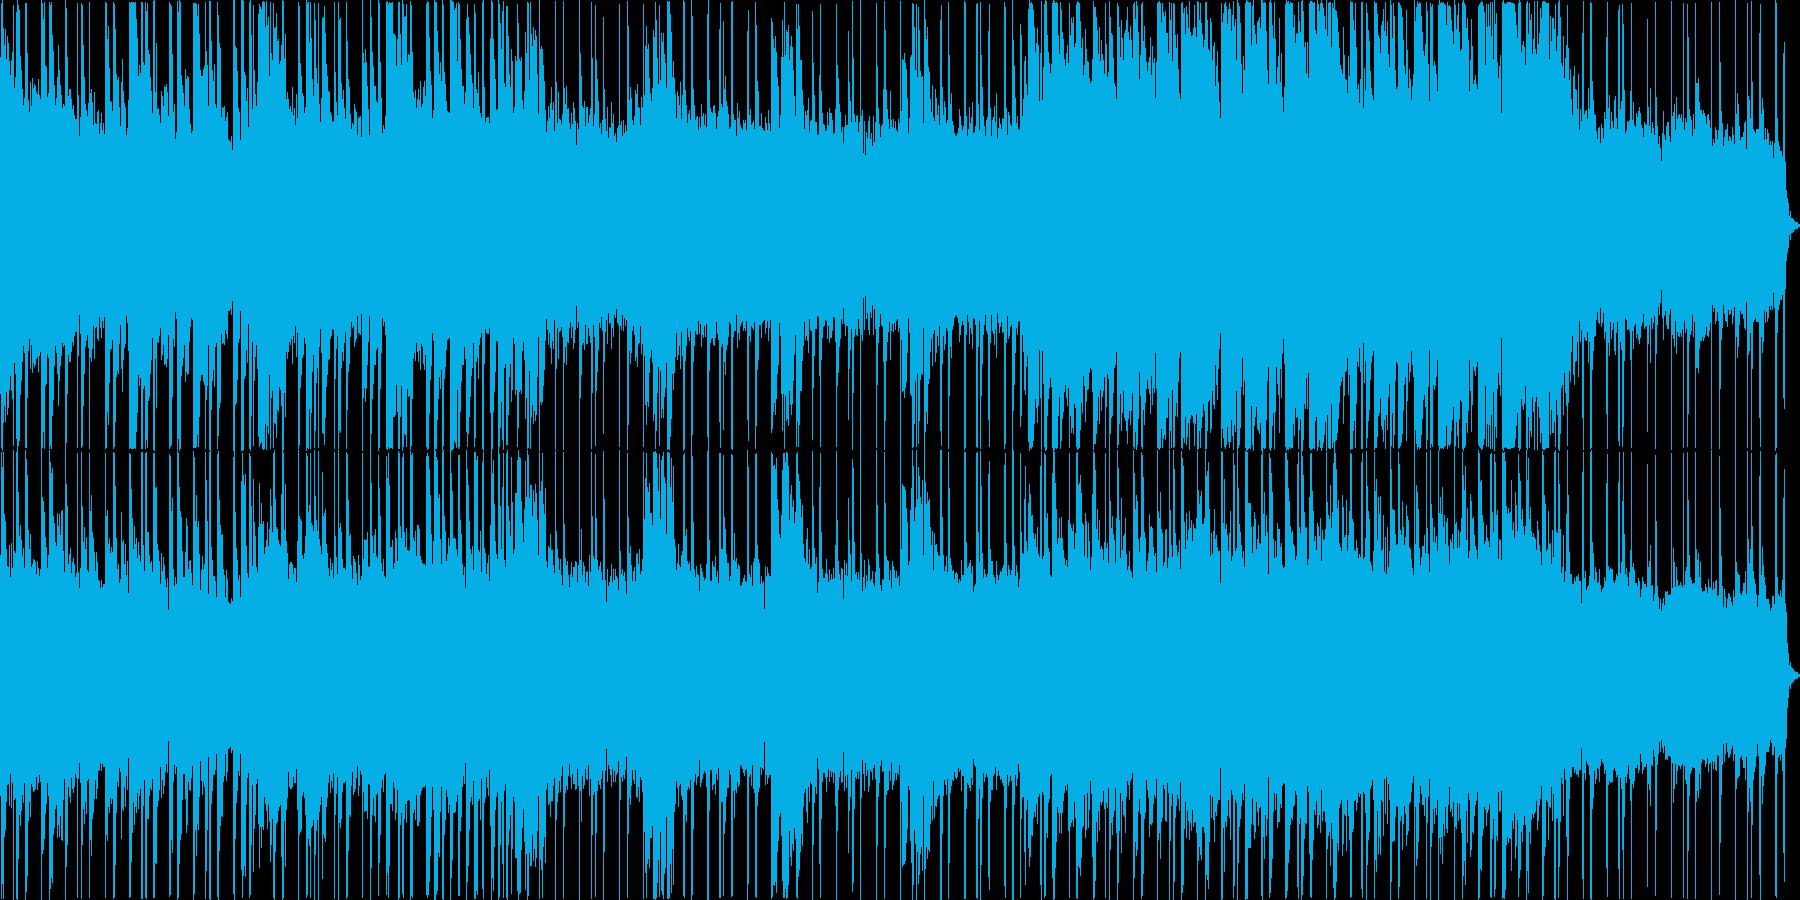 シンセが入っている明るい感じのロックな…の再生済みの波形